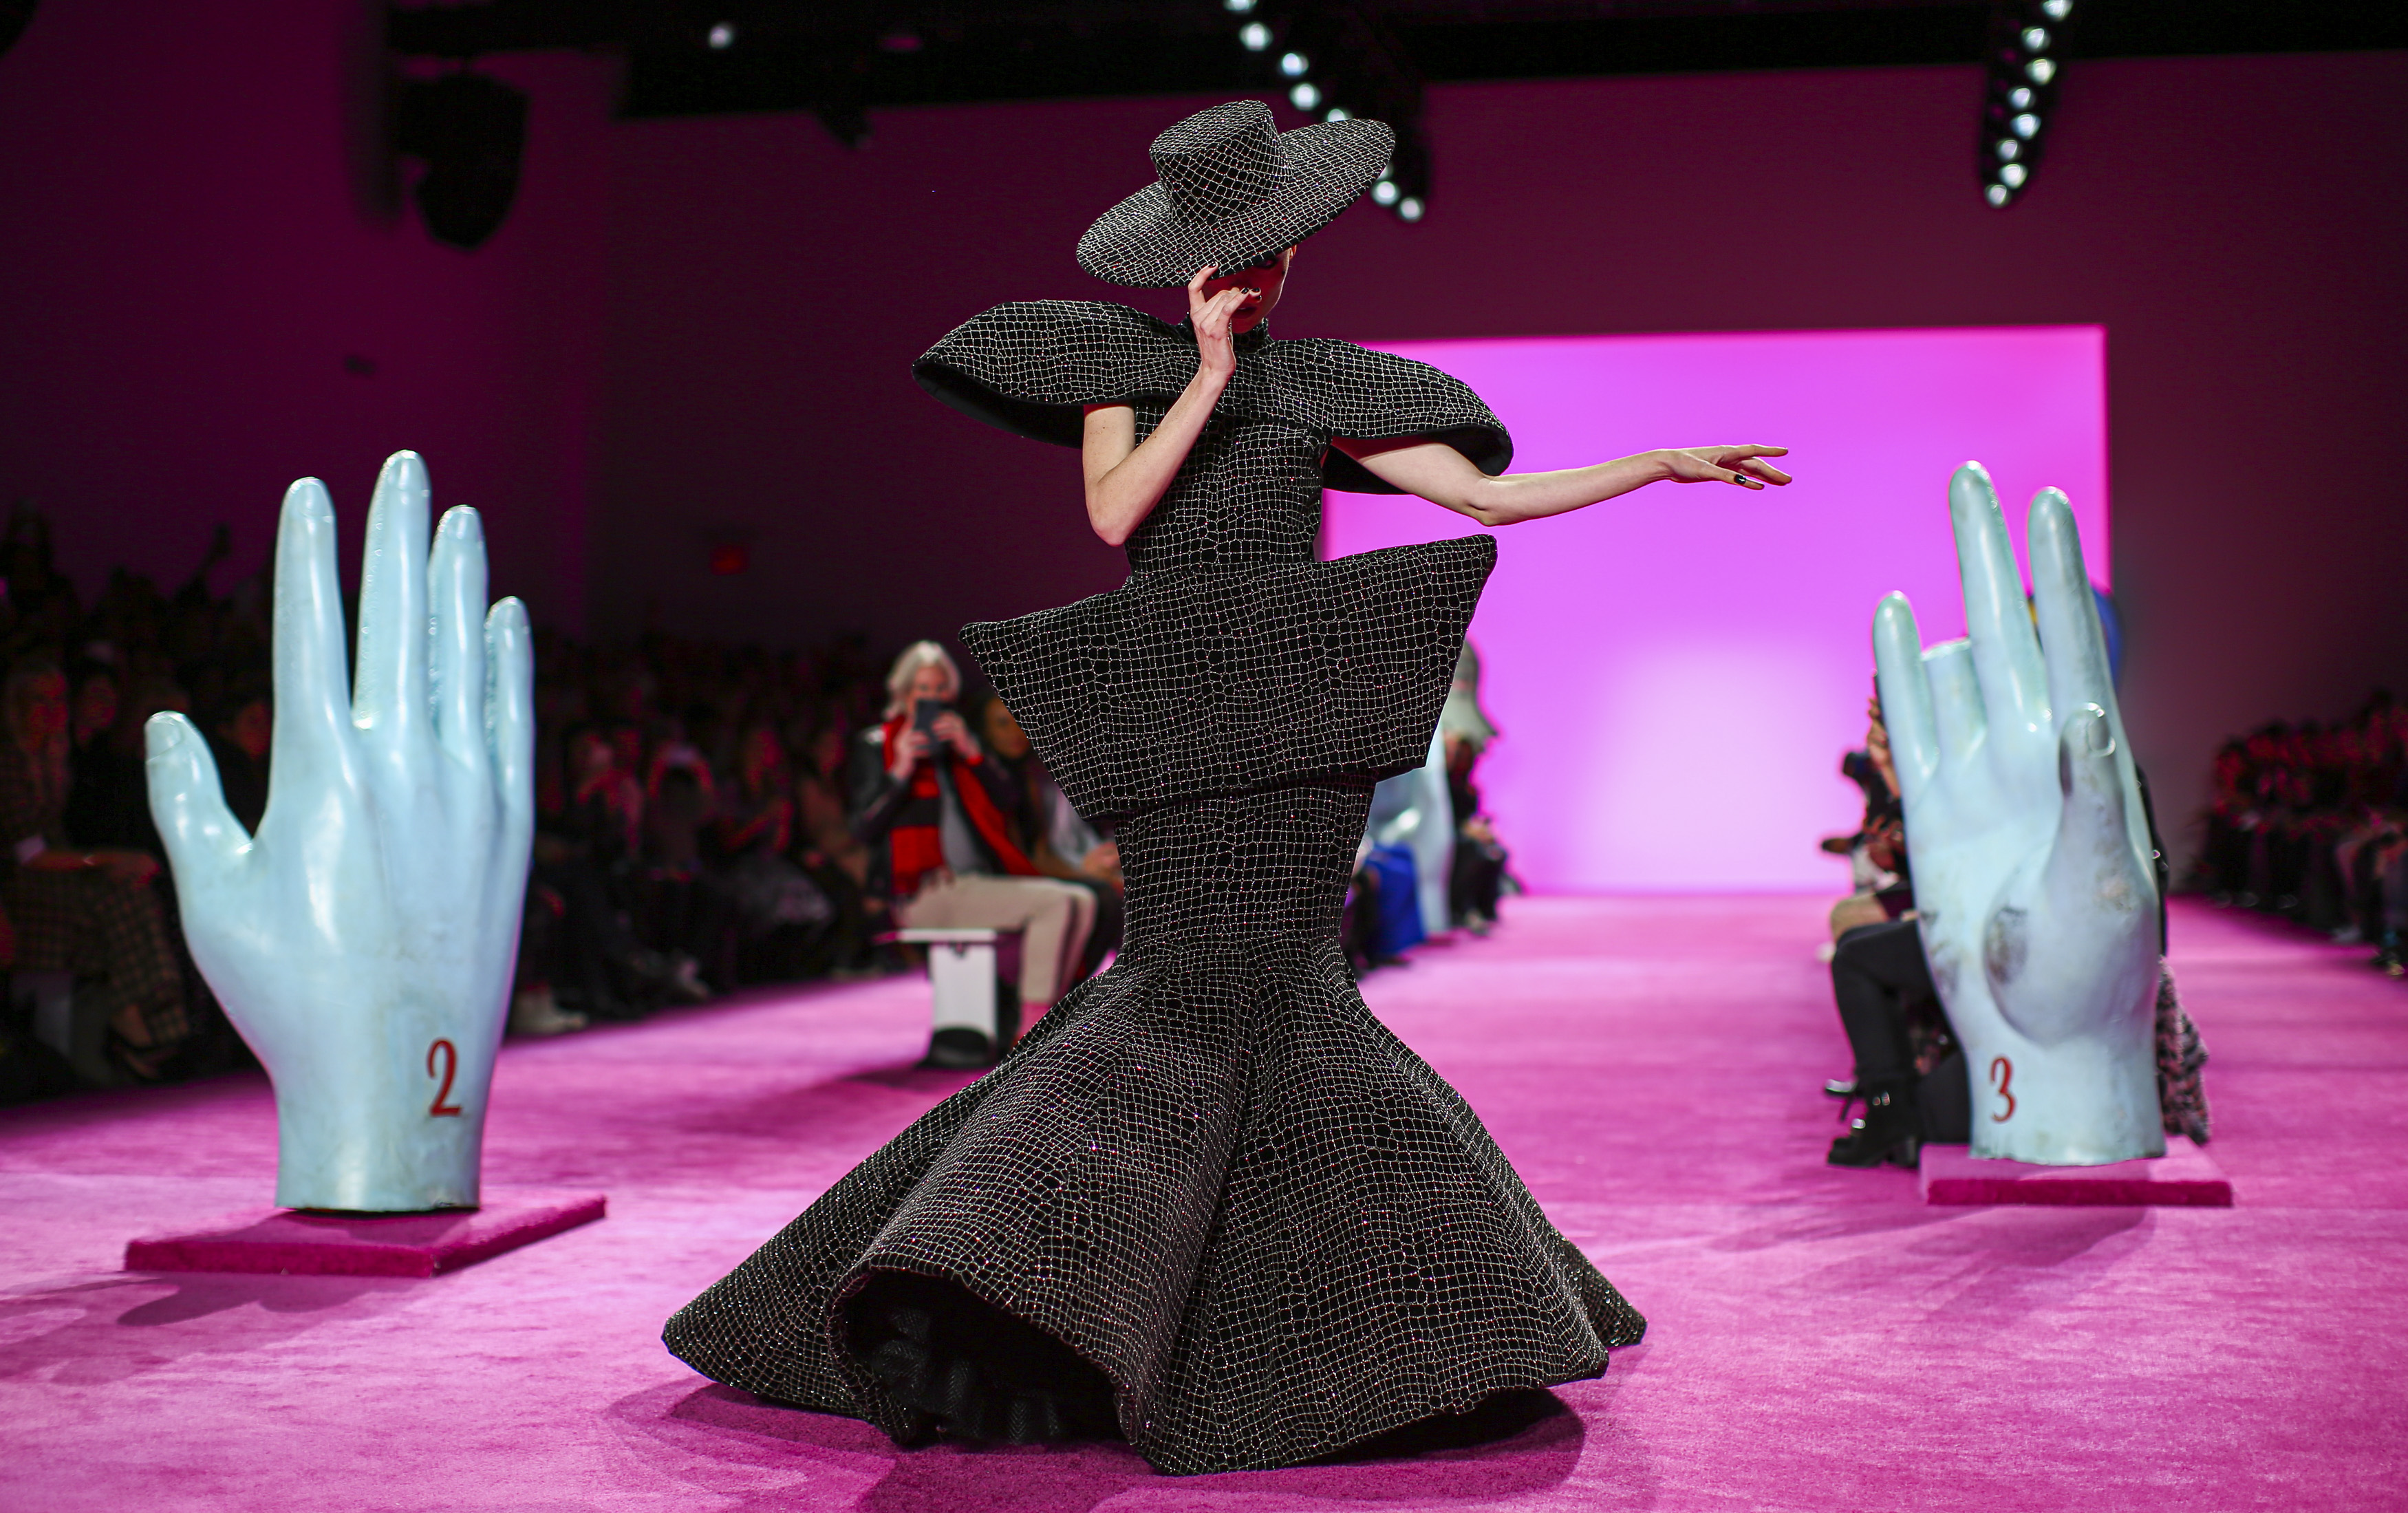 La modelo canadiense Coco Rocha presenta la creación de Christian Siriano durante el New York Fashion Week 2020